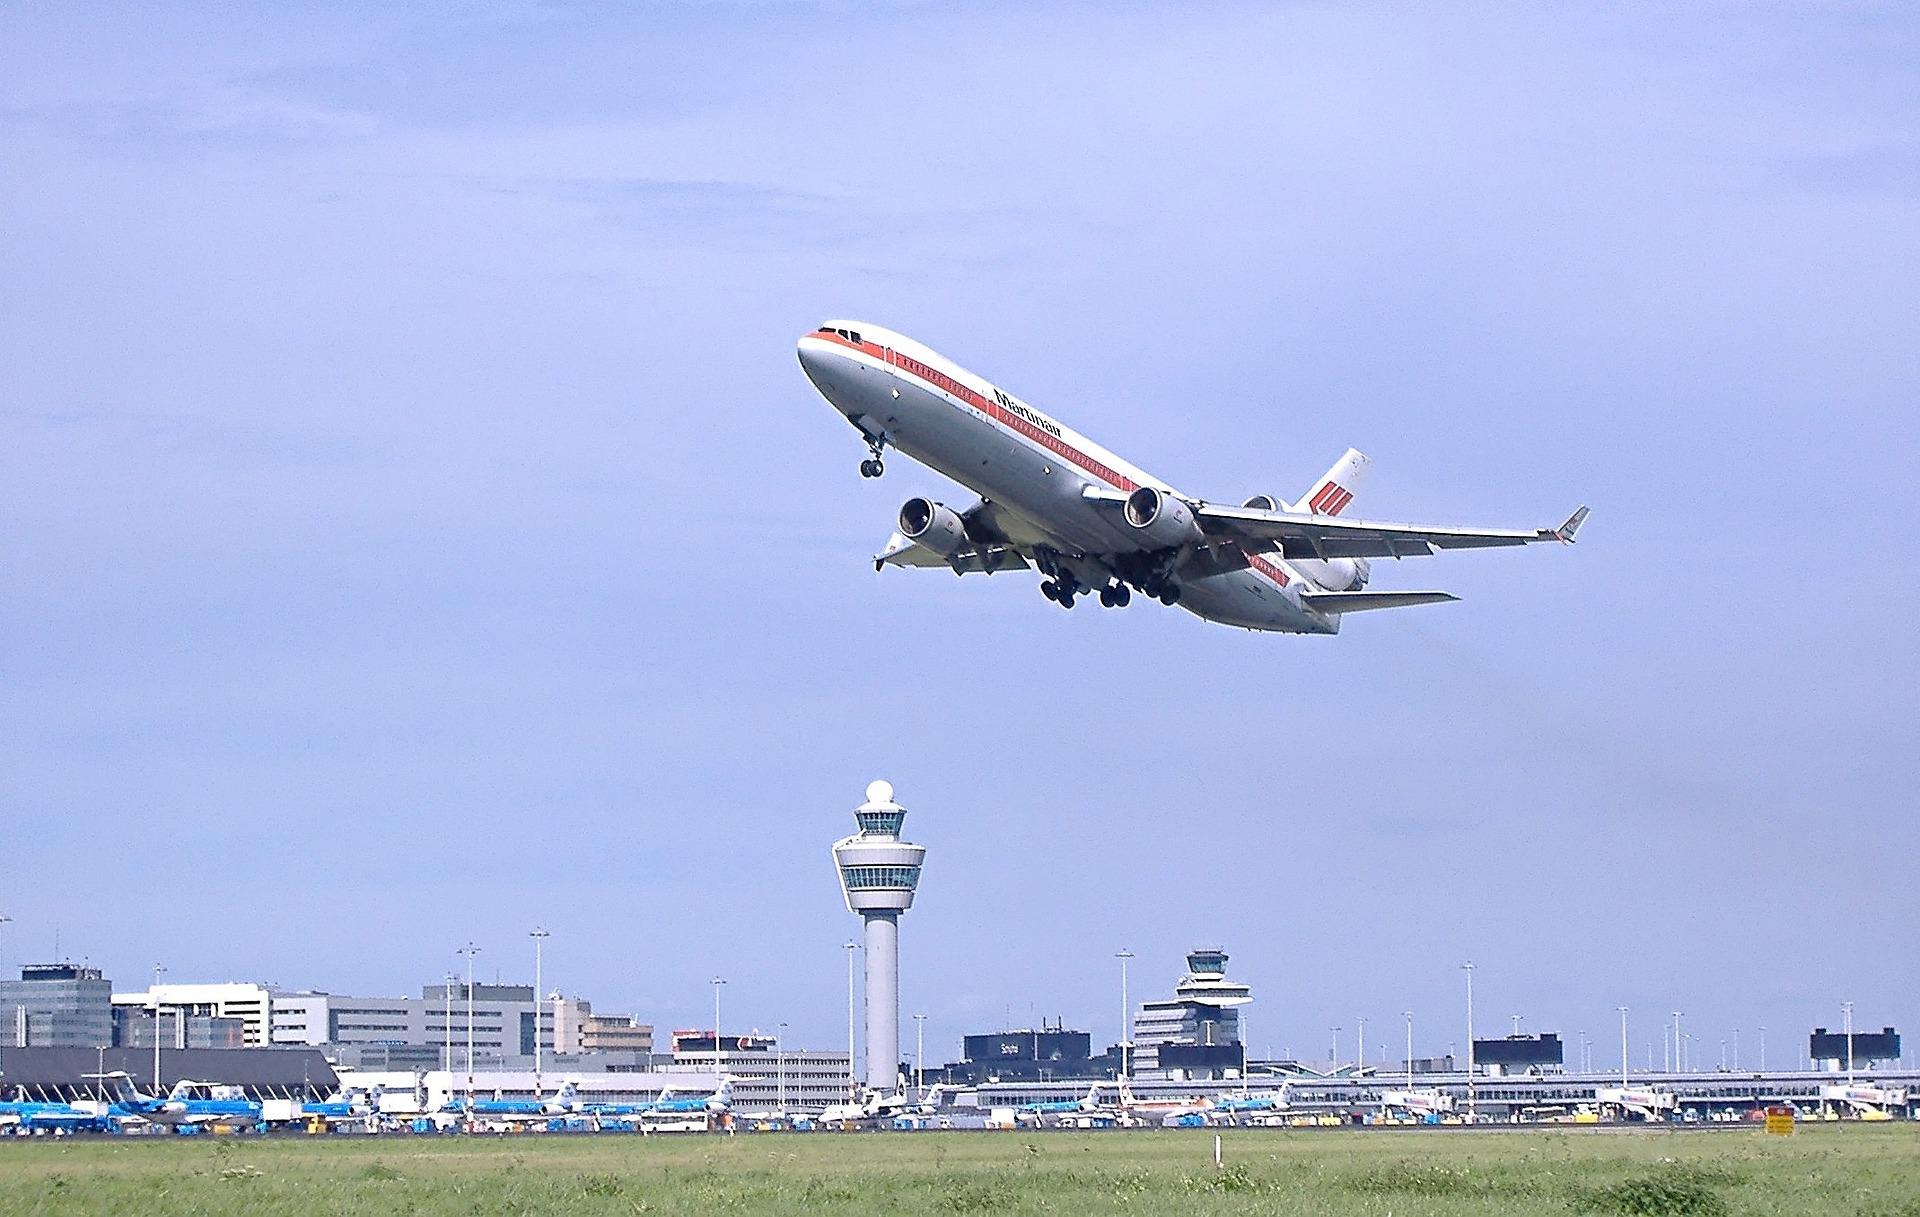 Procedura odlotu z lotniska kontrolowanego